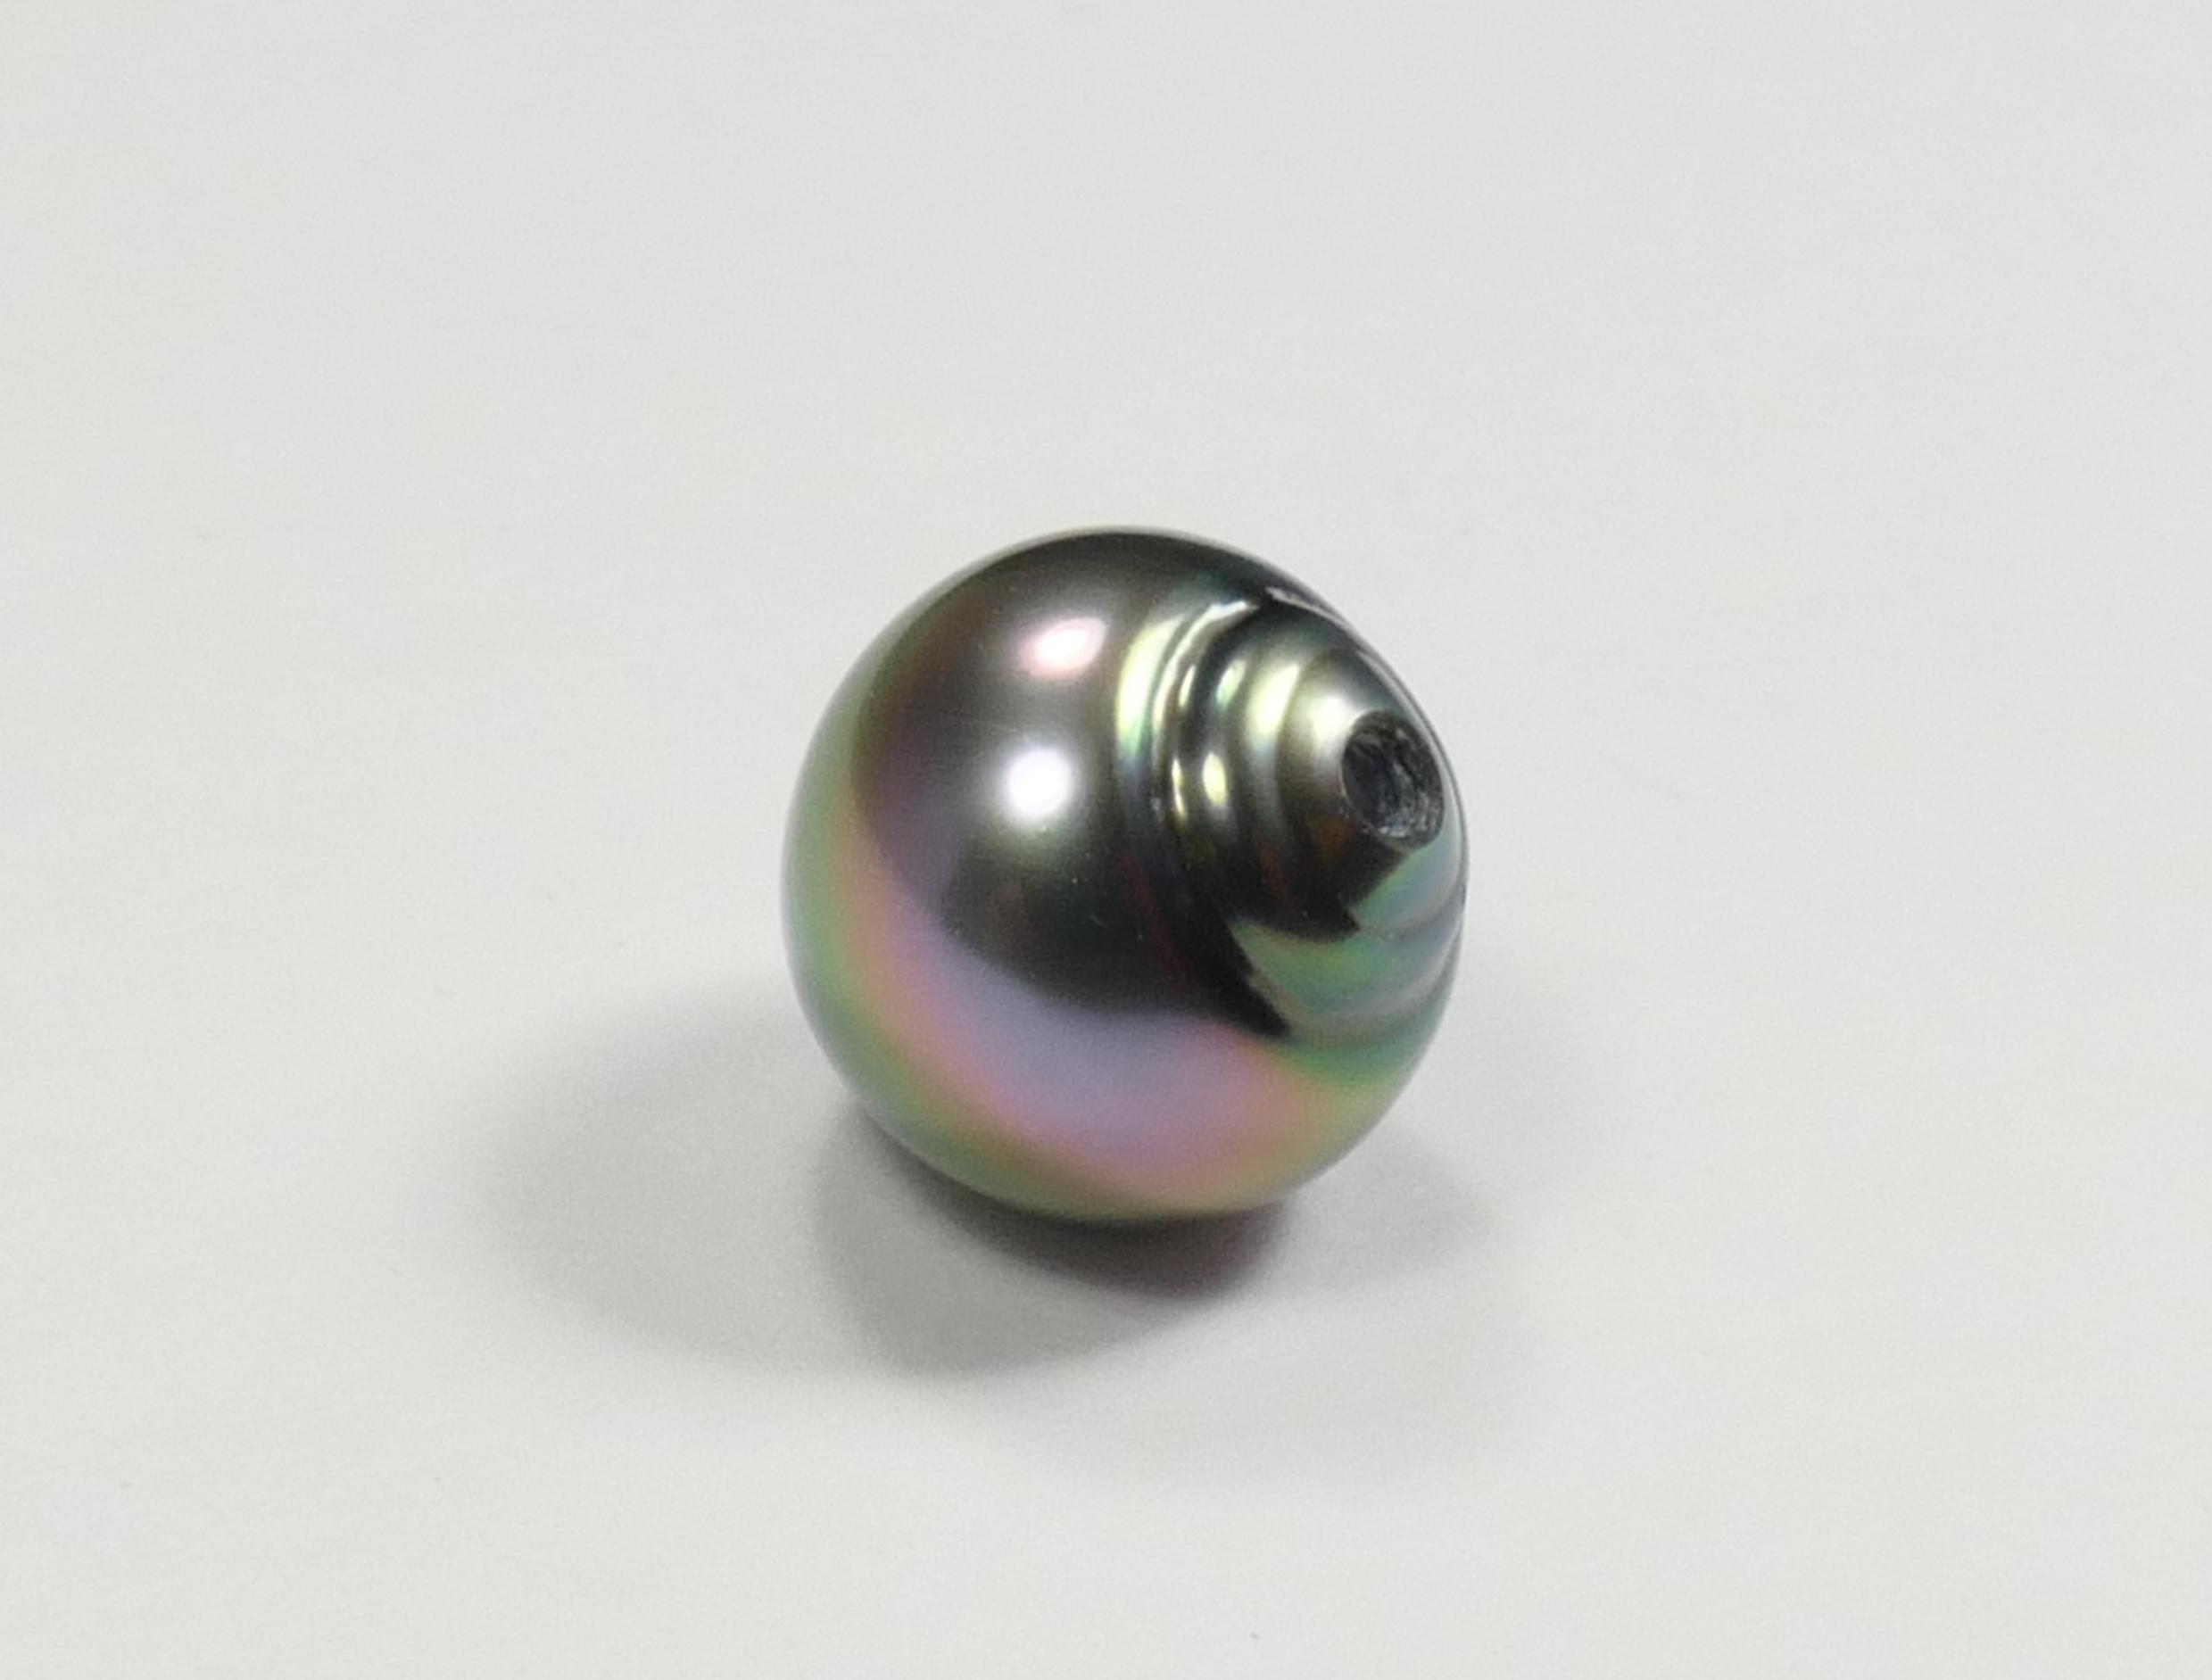 10mm Perle de culture de Tahiti goutte / poire et demi percée, plume de paon, qualité A (#PB245)